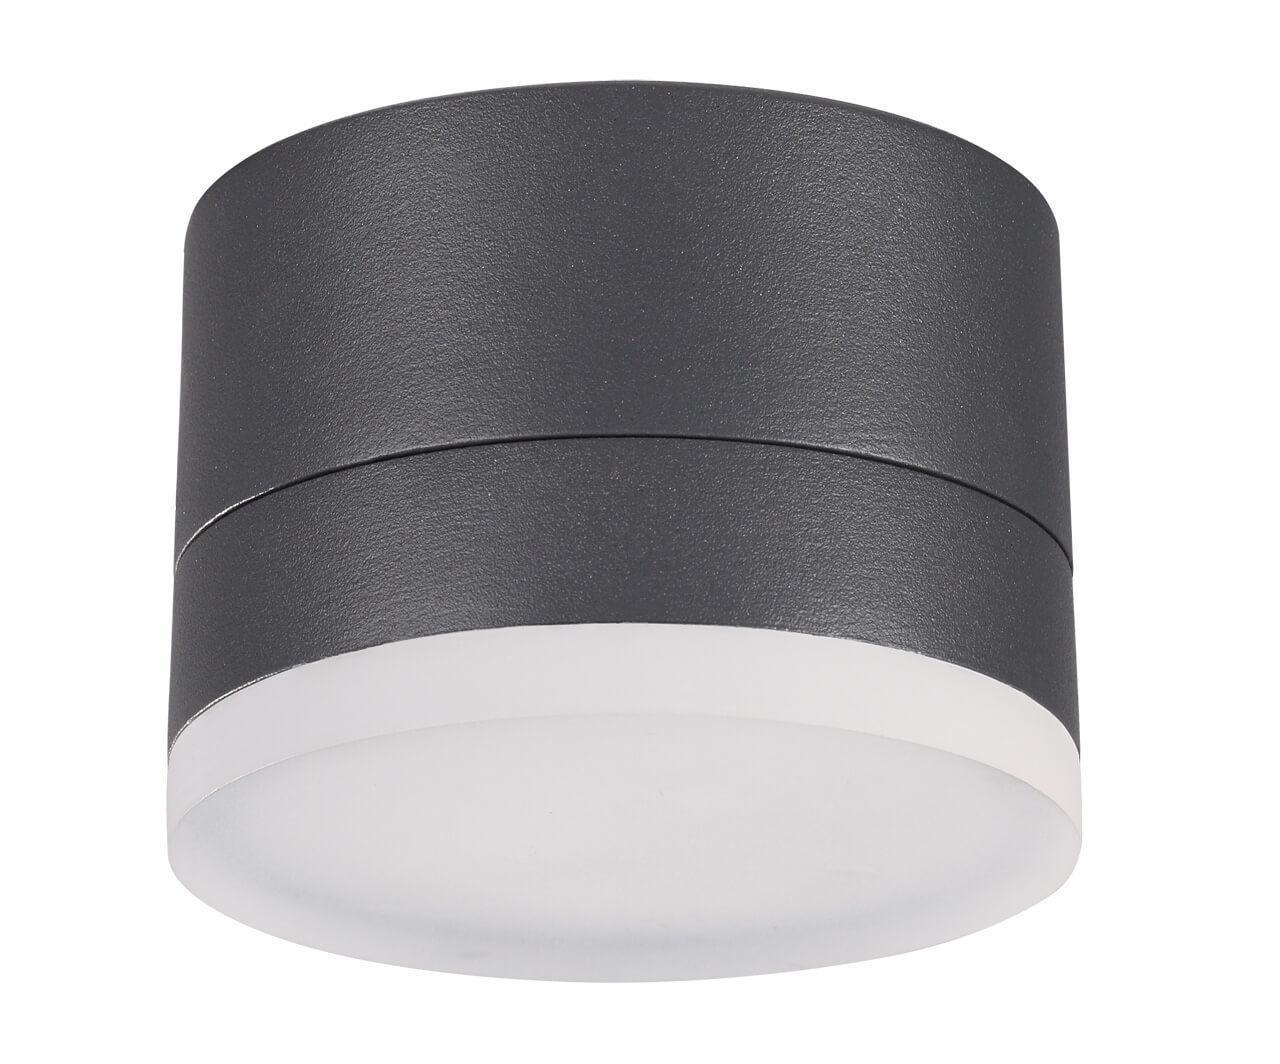 Уличный светильник Novotech 358084, LED